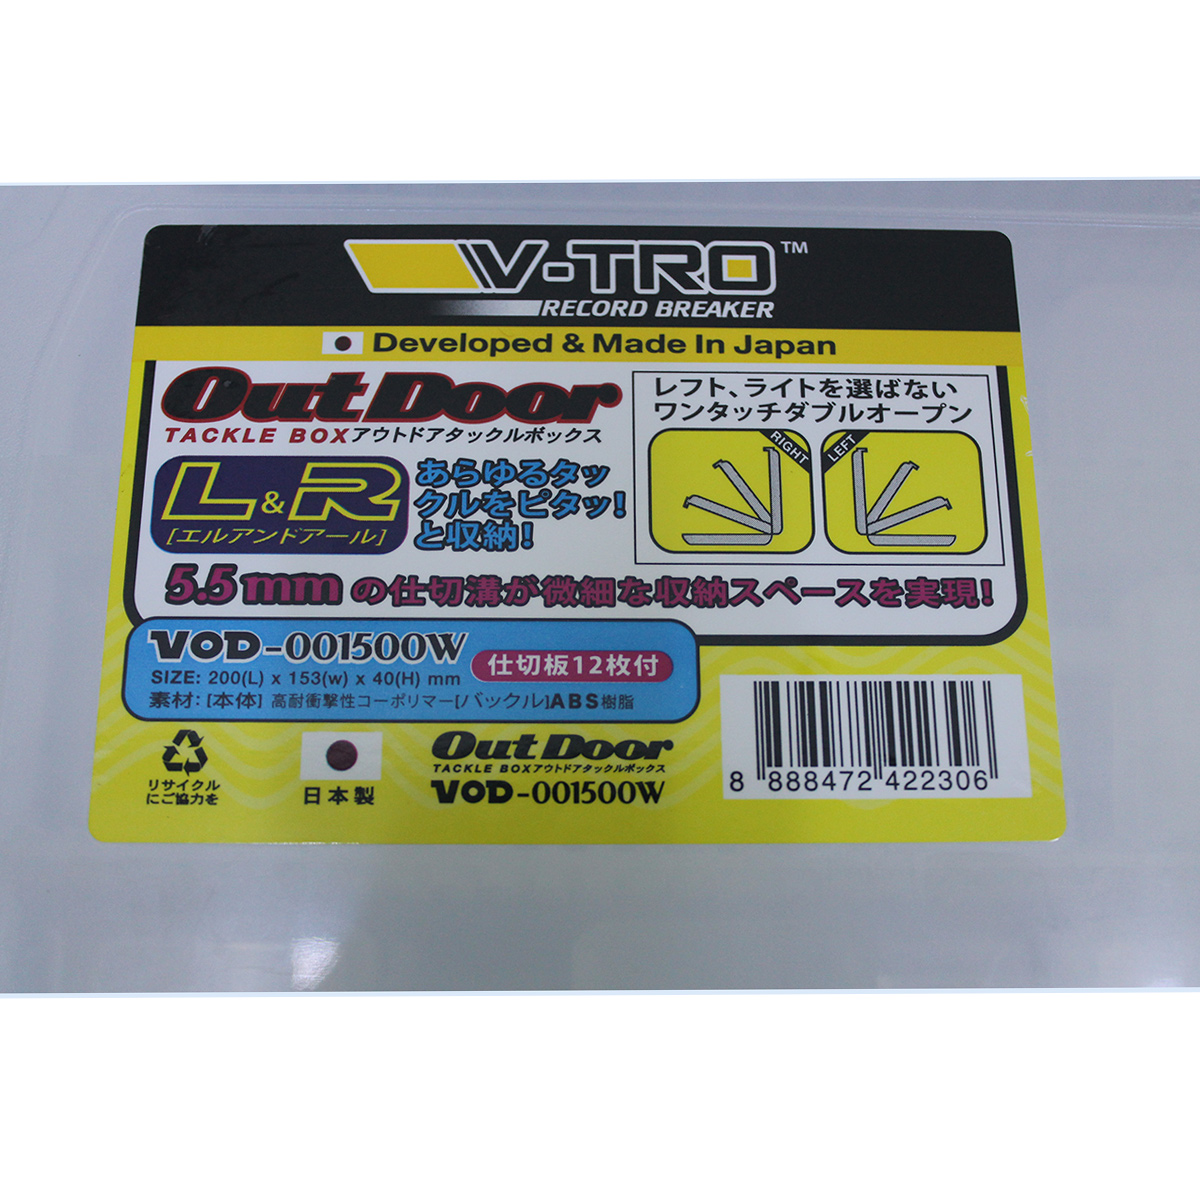 Hộp Đựng Mồi Lưỡi Vtro 001500W - Chính hãng Nhật Bản